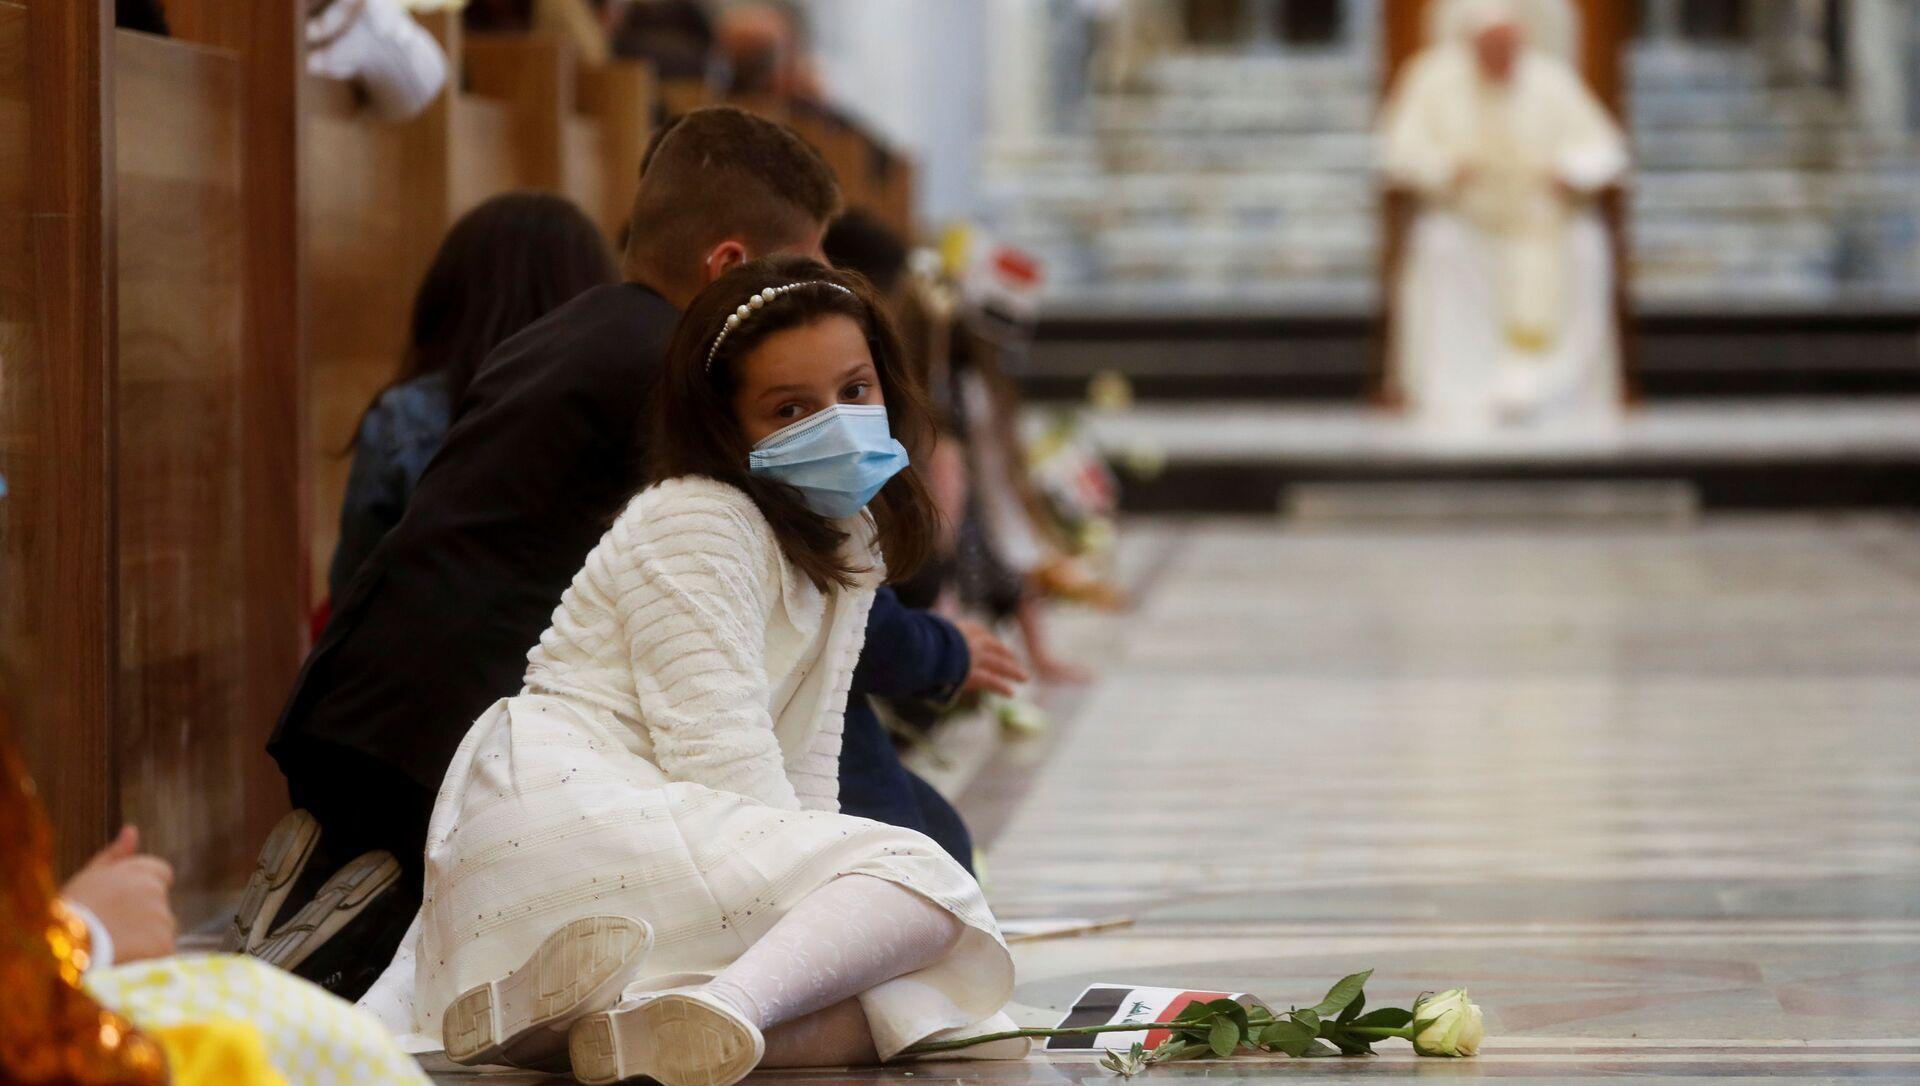 Una ragazza sul pavimento della chiesa mentre Papa Francesco dice la messa - Sputnik Italia, 1920, 07.03.2021